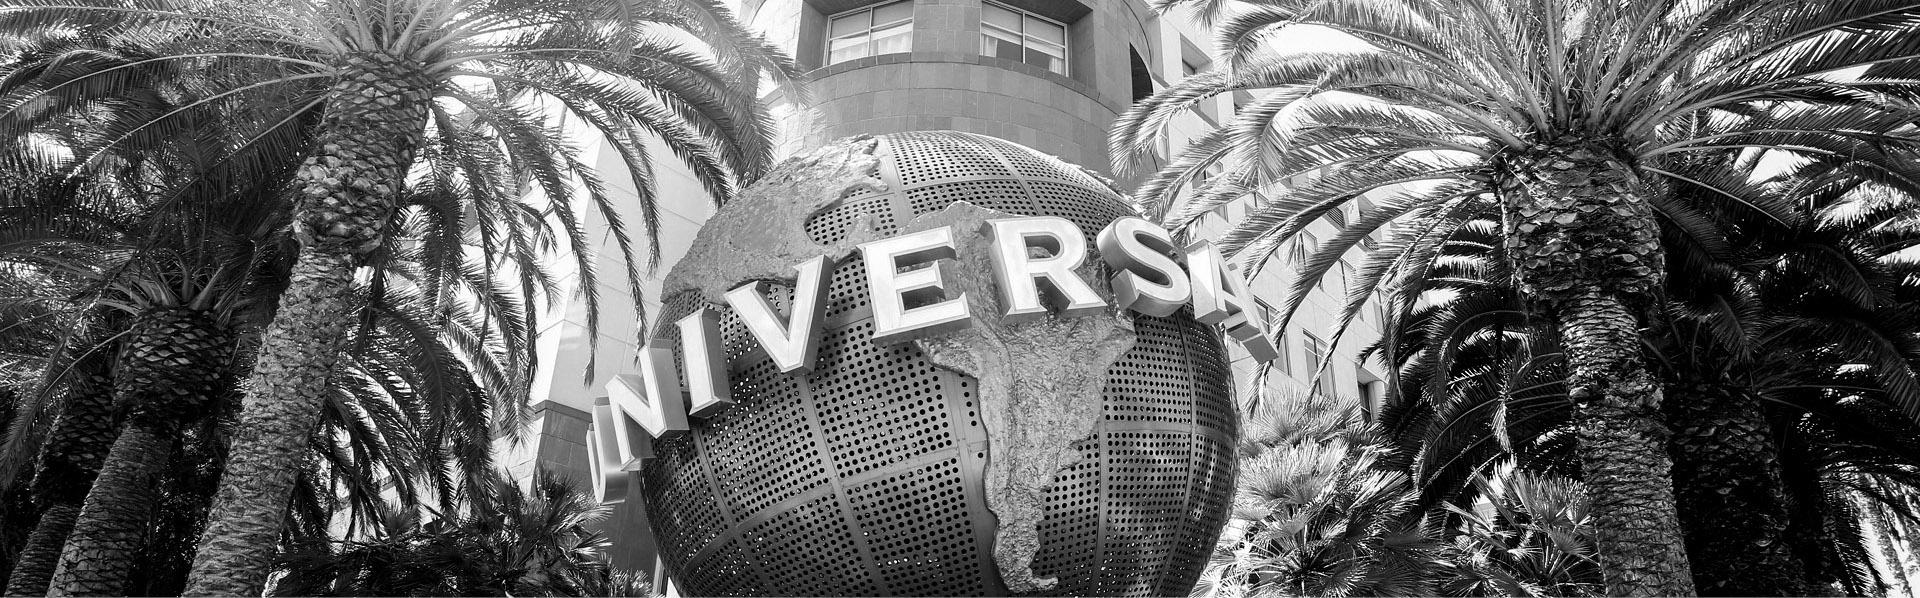 Universal Music Group - Taylor Swift Switzerland